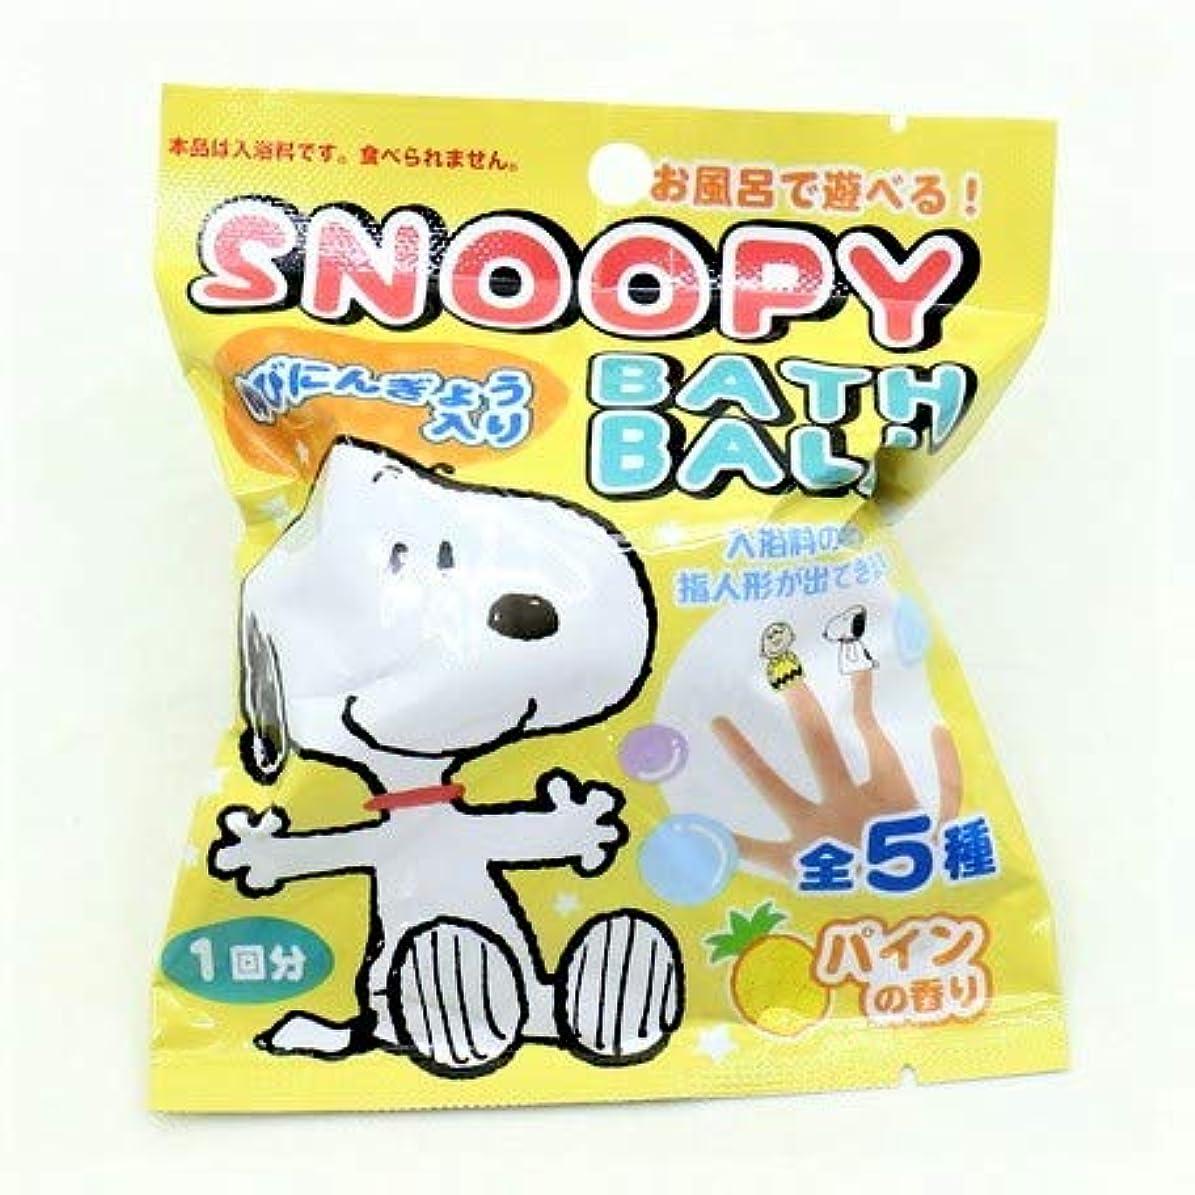 近代化する任命こだわりスヌーピー バスボール 入浴剤 パインの香り 6個1セット 指人形 Snoopy